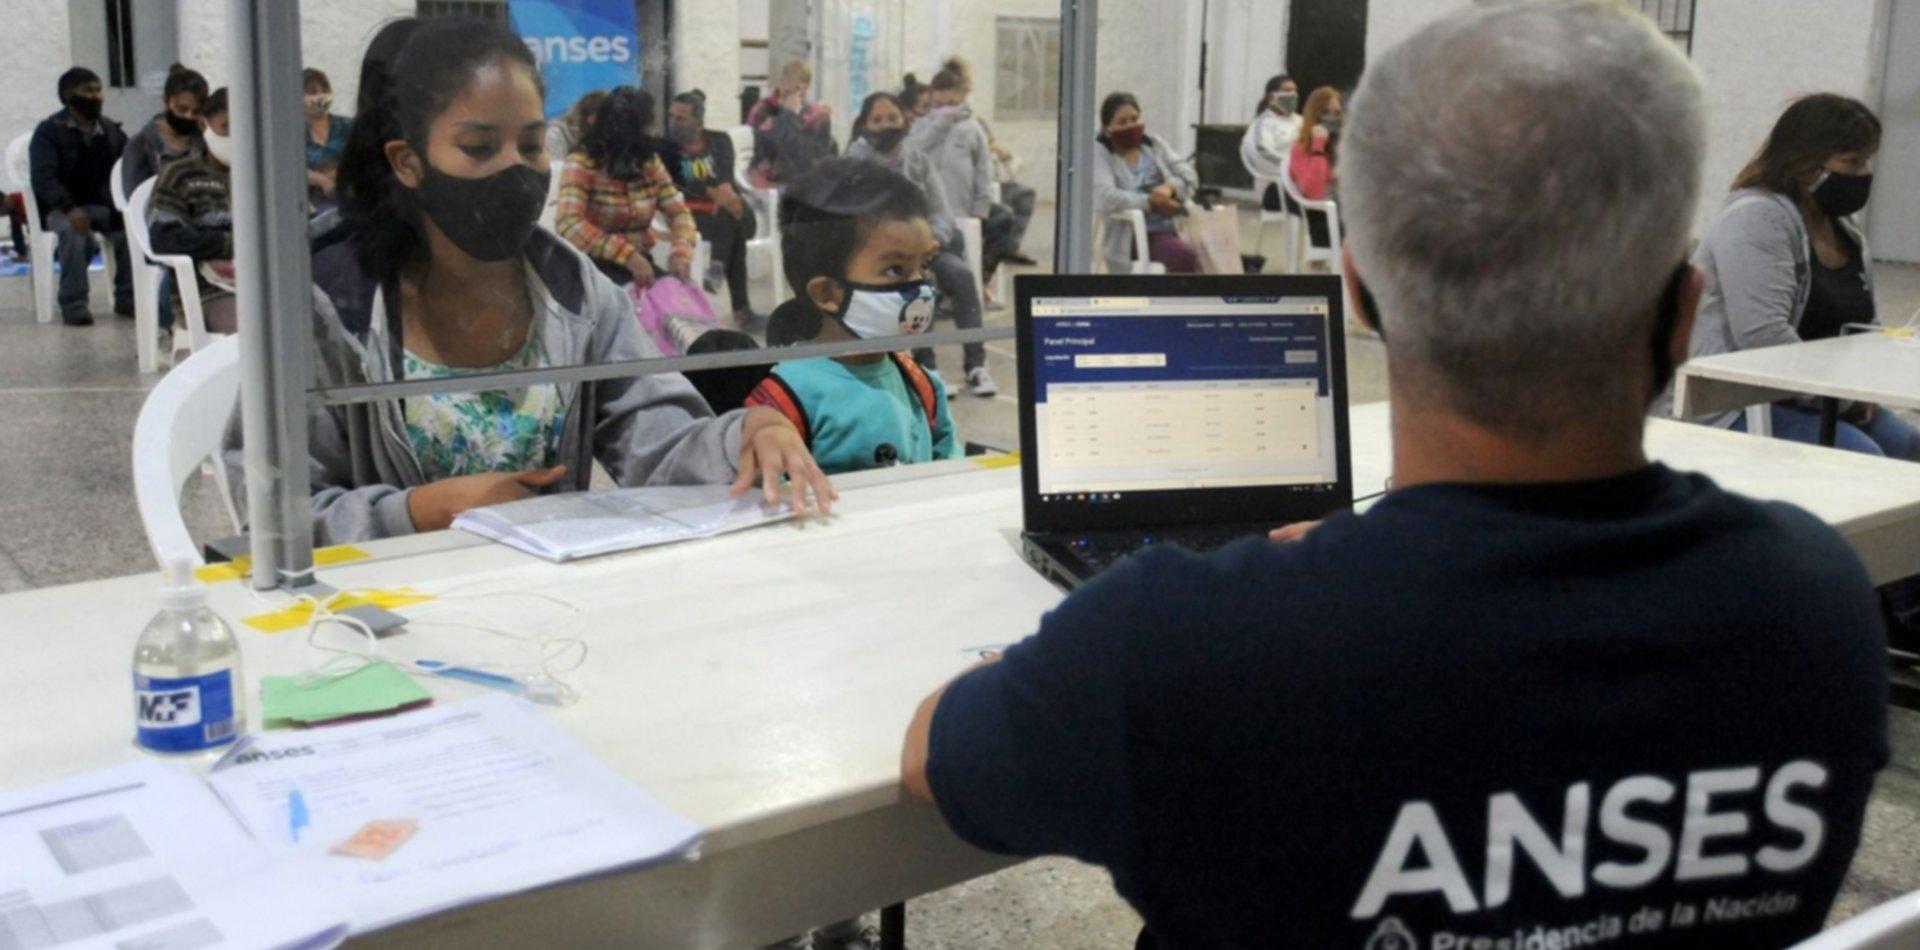 Confirmado: la ANSES pagará un bono de 17.000 pesos por única vez